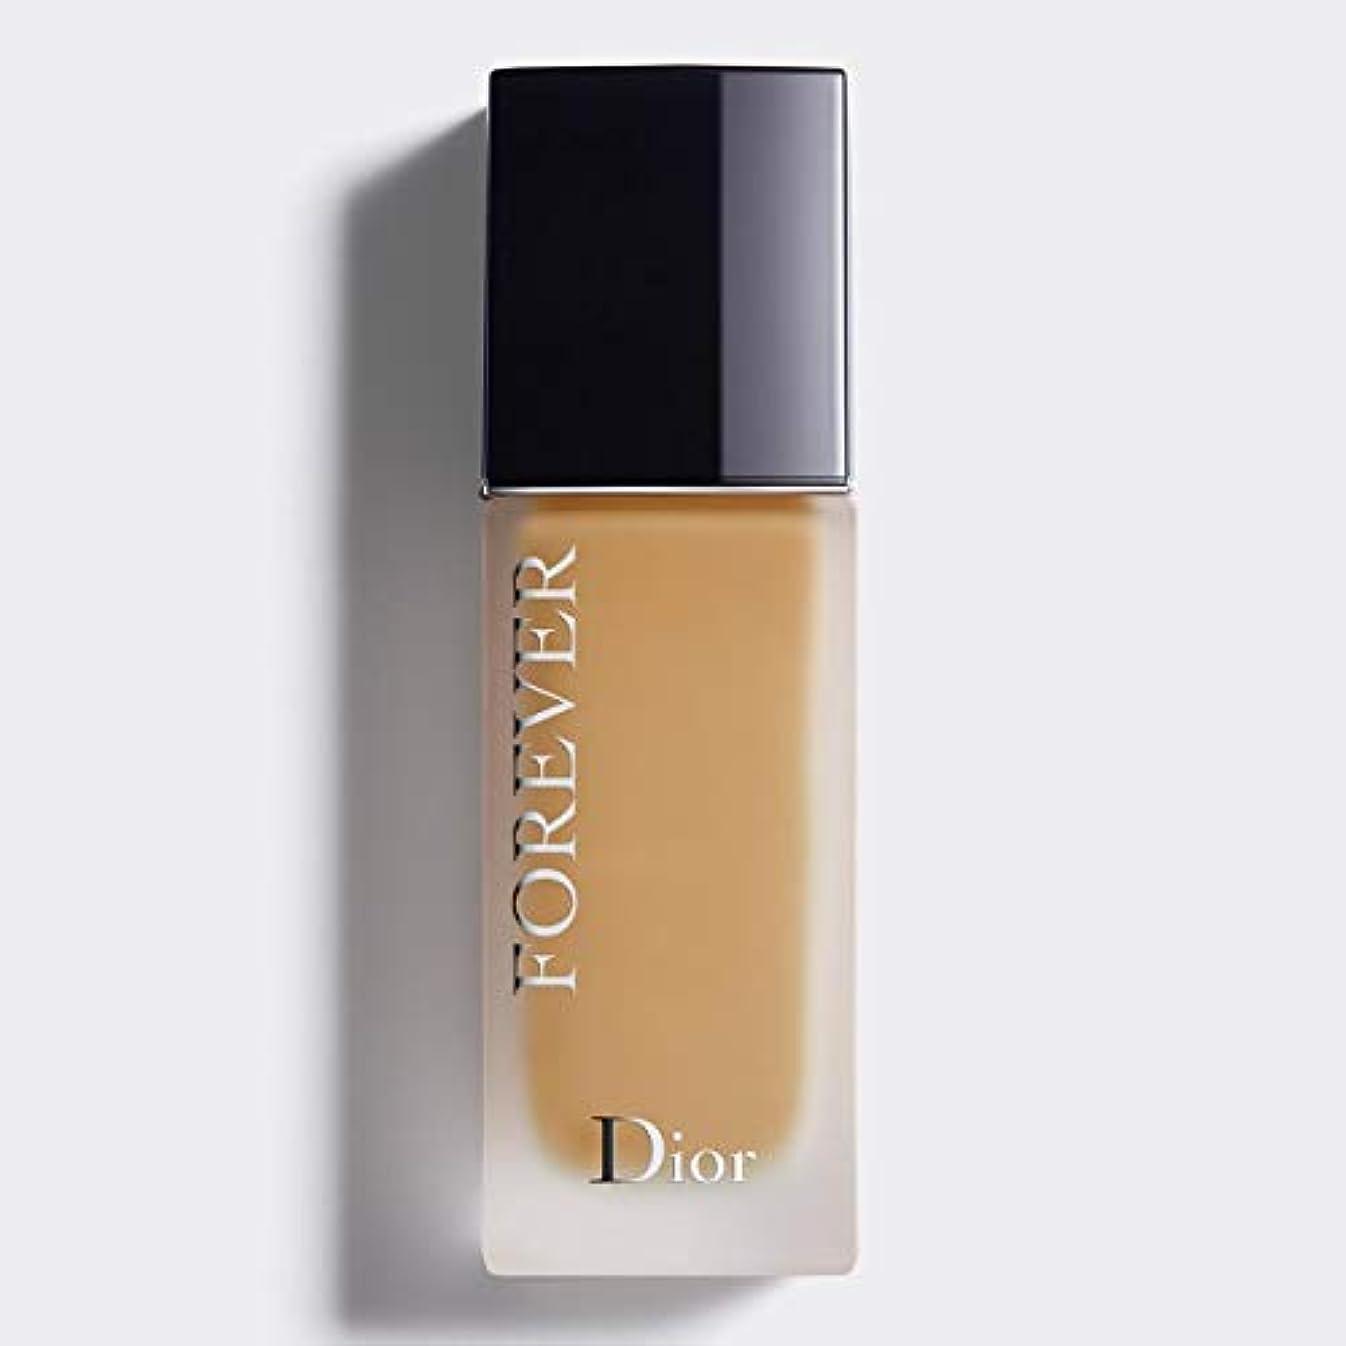 ビールお世話になった社会主義者クリスチャンディオール Dior Forever 24H Wear High Perfection Foundation SPF 35 - # 3WO (Warm Olive) 30ml/1oz並行輸入品